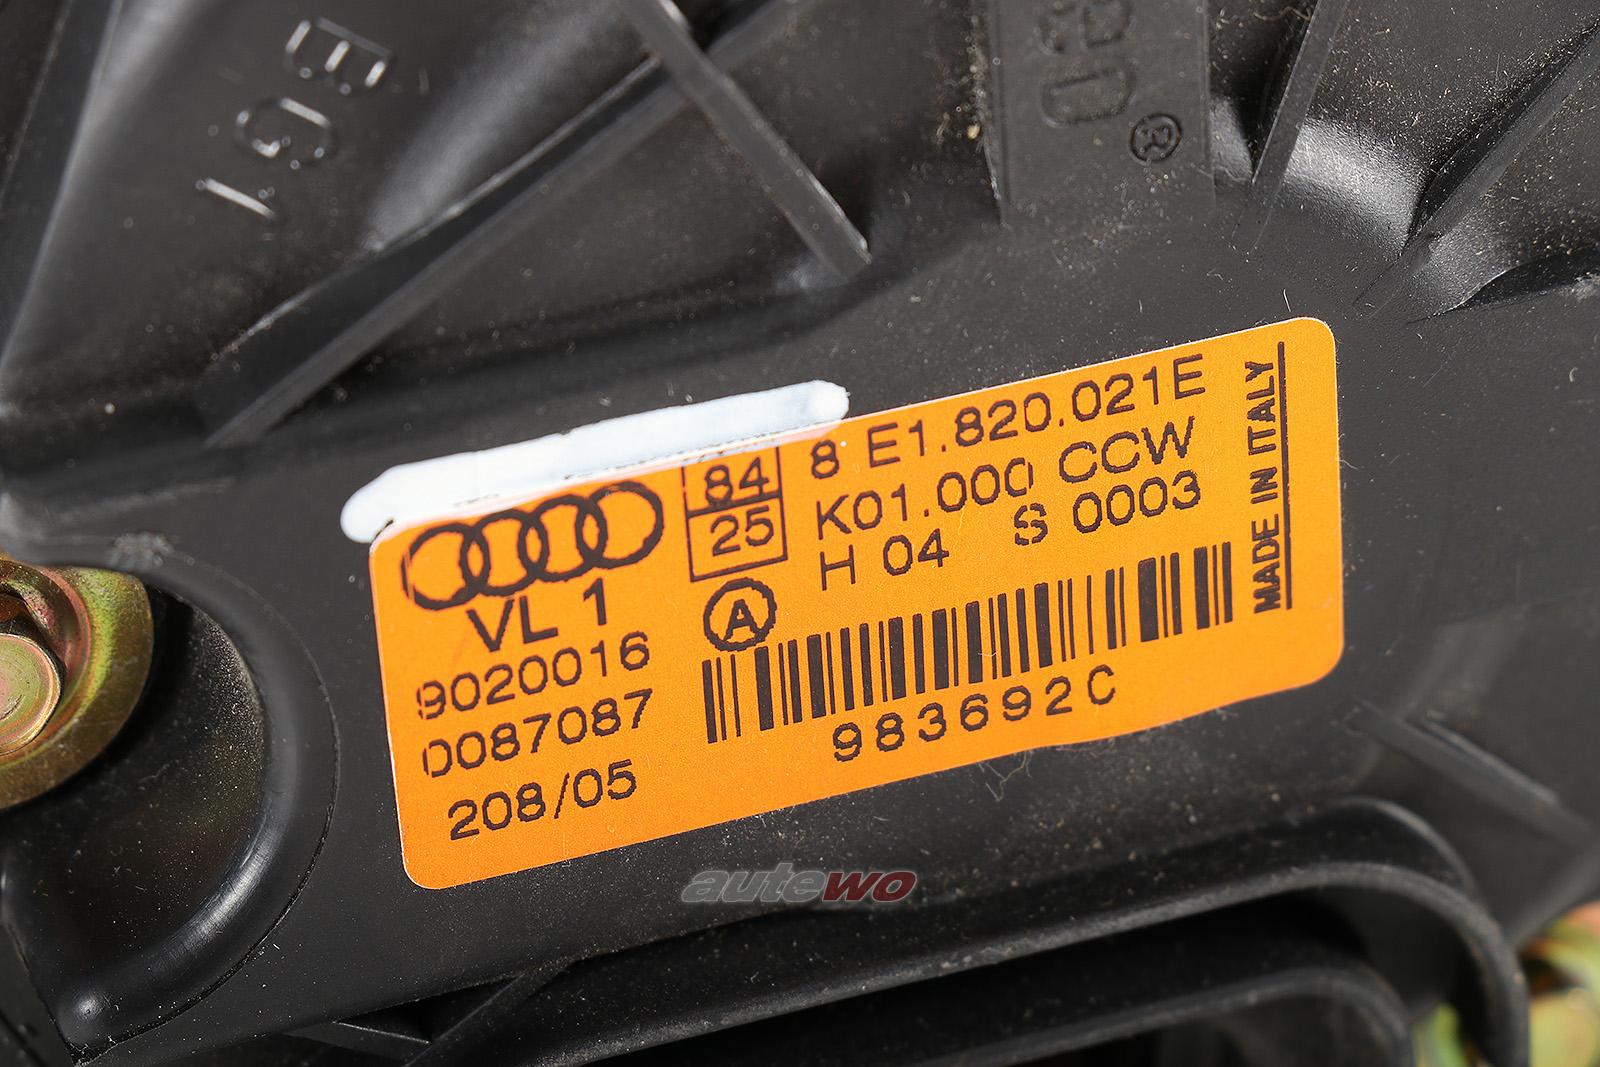 8E1820021E Audi A4/S4/RS4/Cabrio 8E/8H B6/B7 Innenraum Gebläse Heizung/Klima